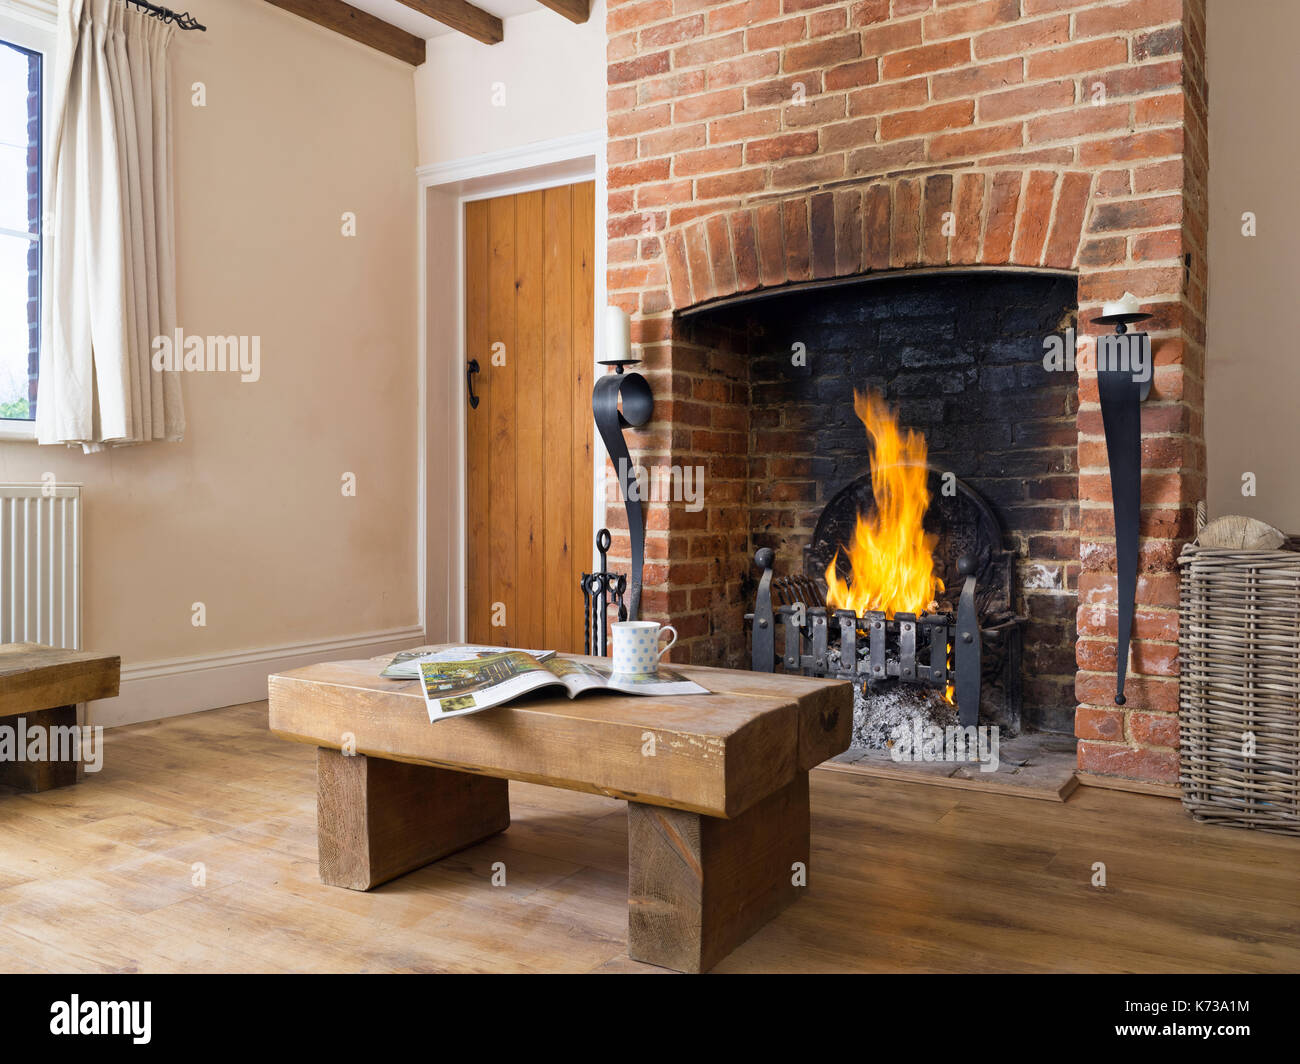 Ein Loderndes Feuer In Einem Roten Backstein Kamin Im Wohnzimmer Ein  Landhaus Mit Chunky Rustikalen Möbeln